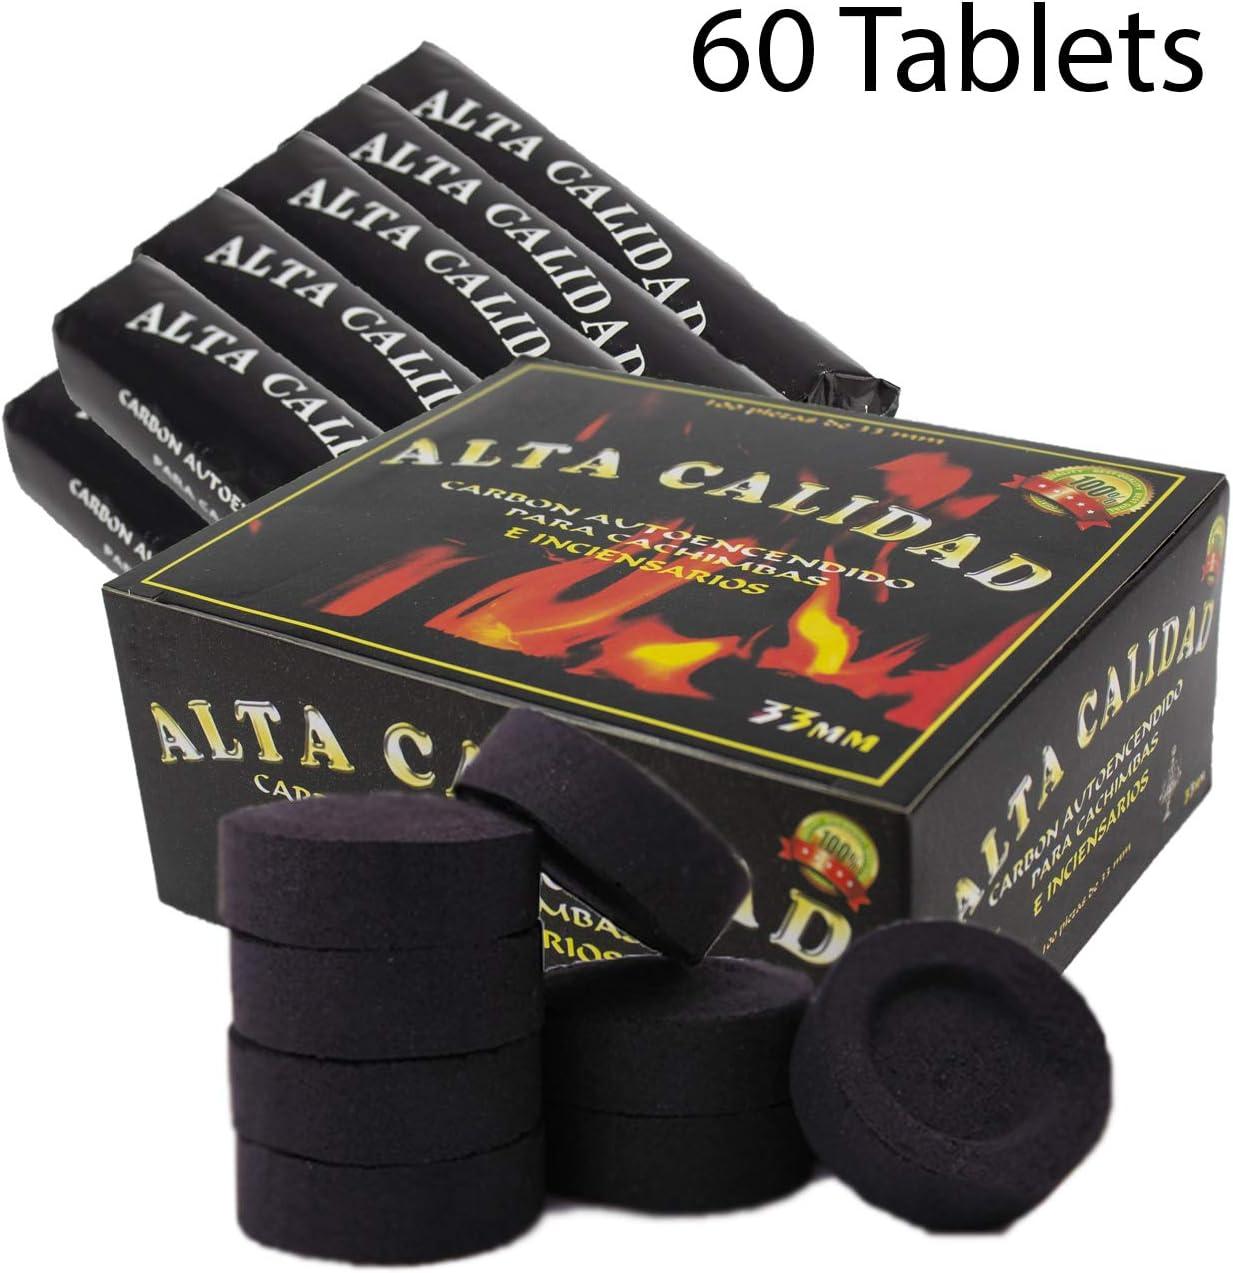 SFY Pack Carbón para cachimba, shisha, hookah, narguile e incensario (60 pastillas)